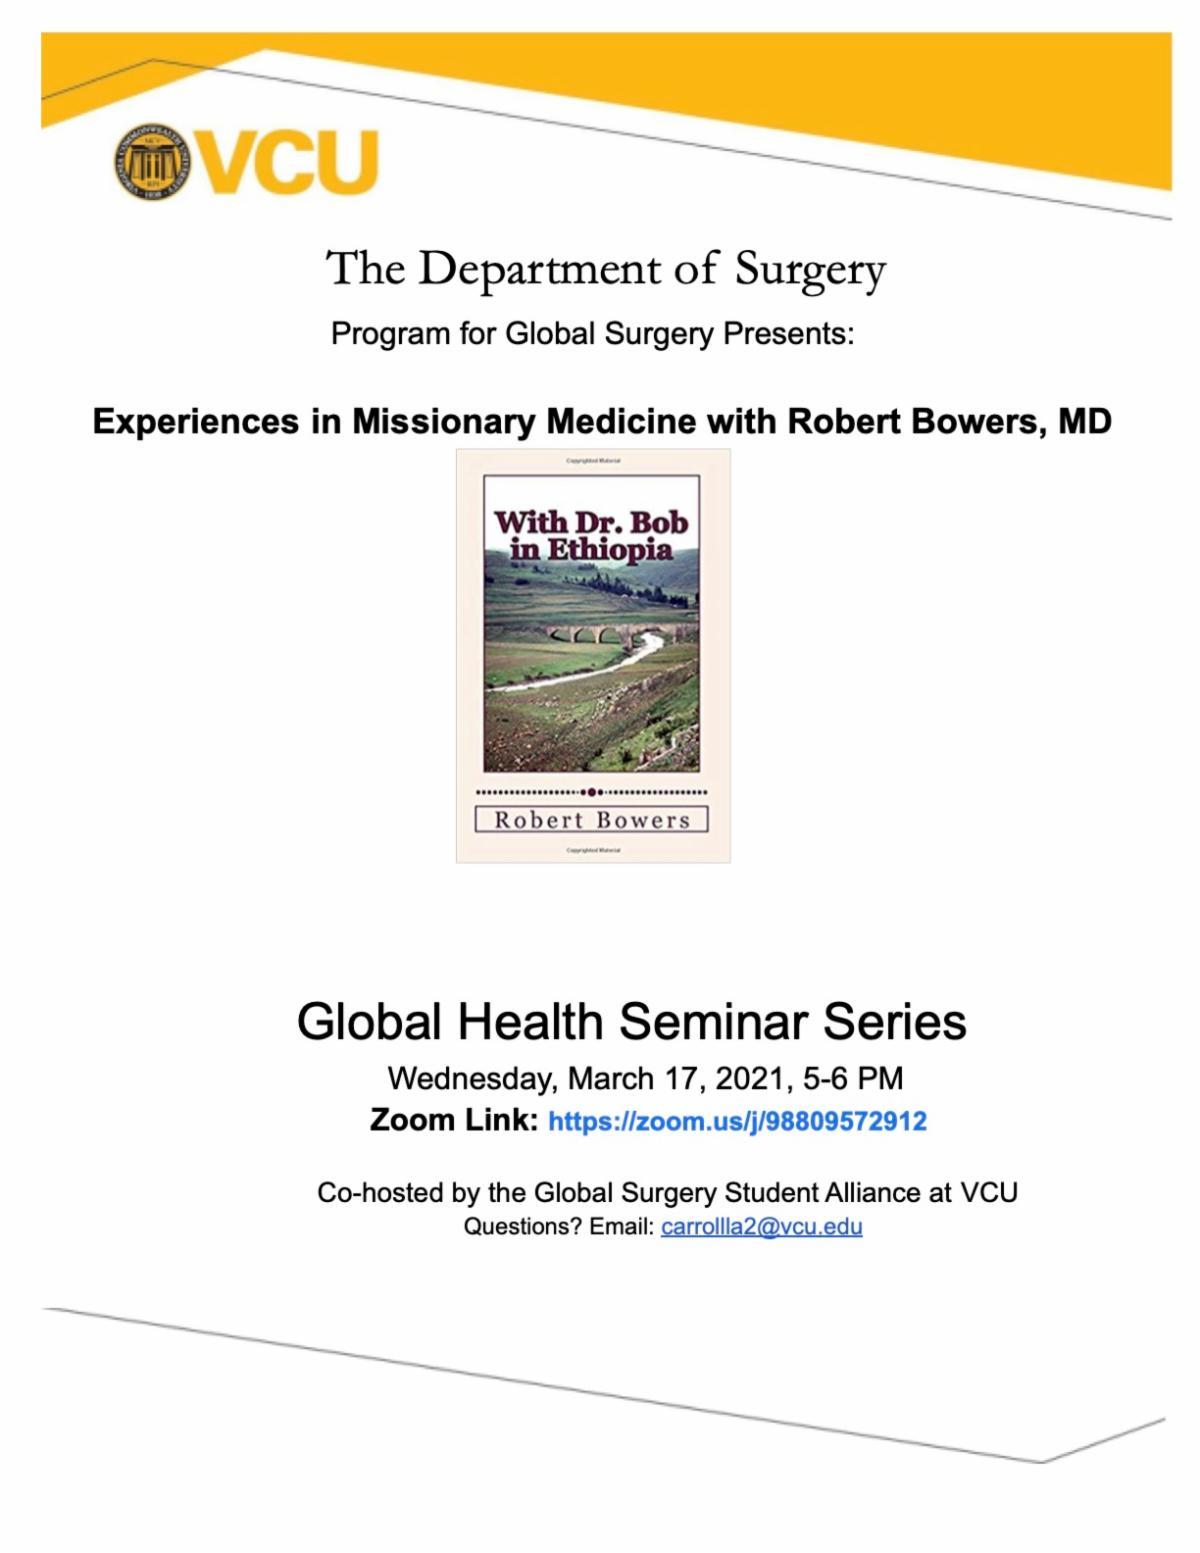 Global Health Seminar Series March